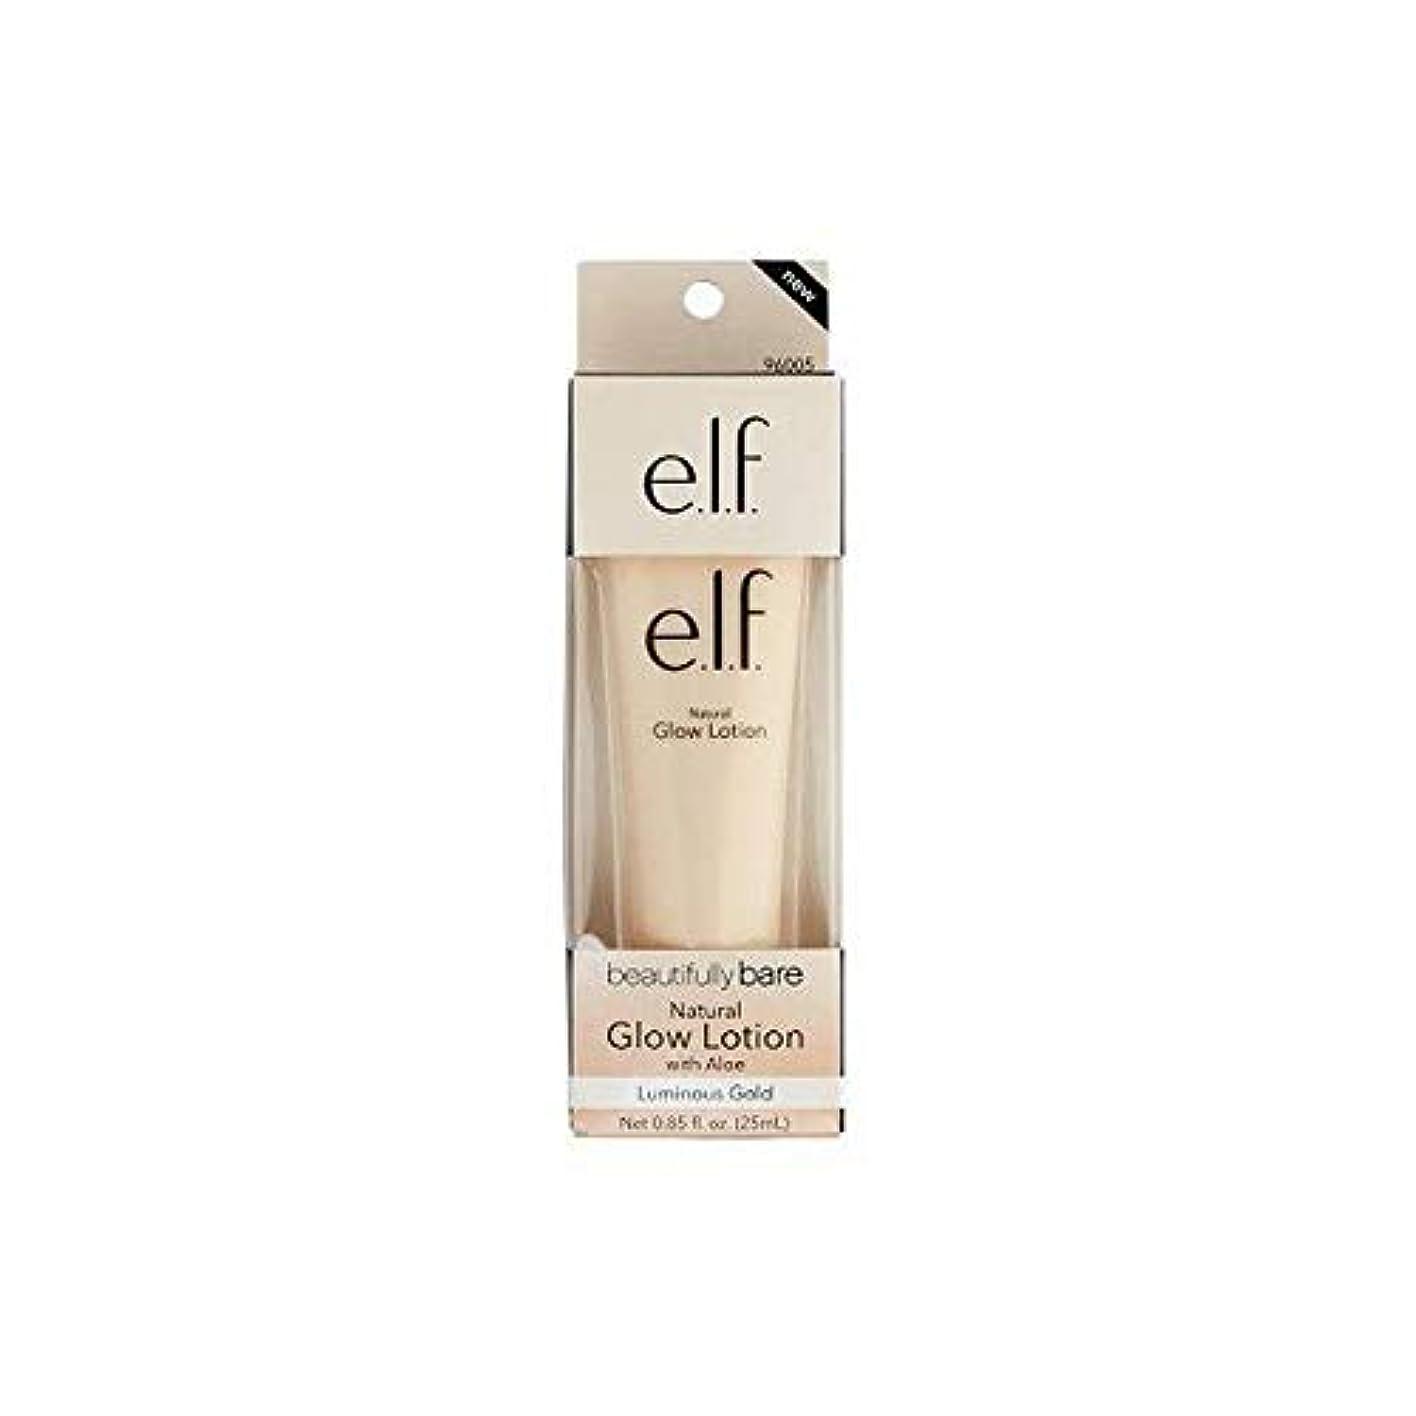 ふざけた指導する離婚[Elf ] エルフ。美しく裸自然グローローション金 - e.l.f. Beautifully Bare Natural Glow Lotion gold [並行輸入品]